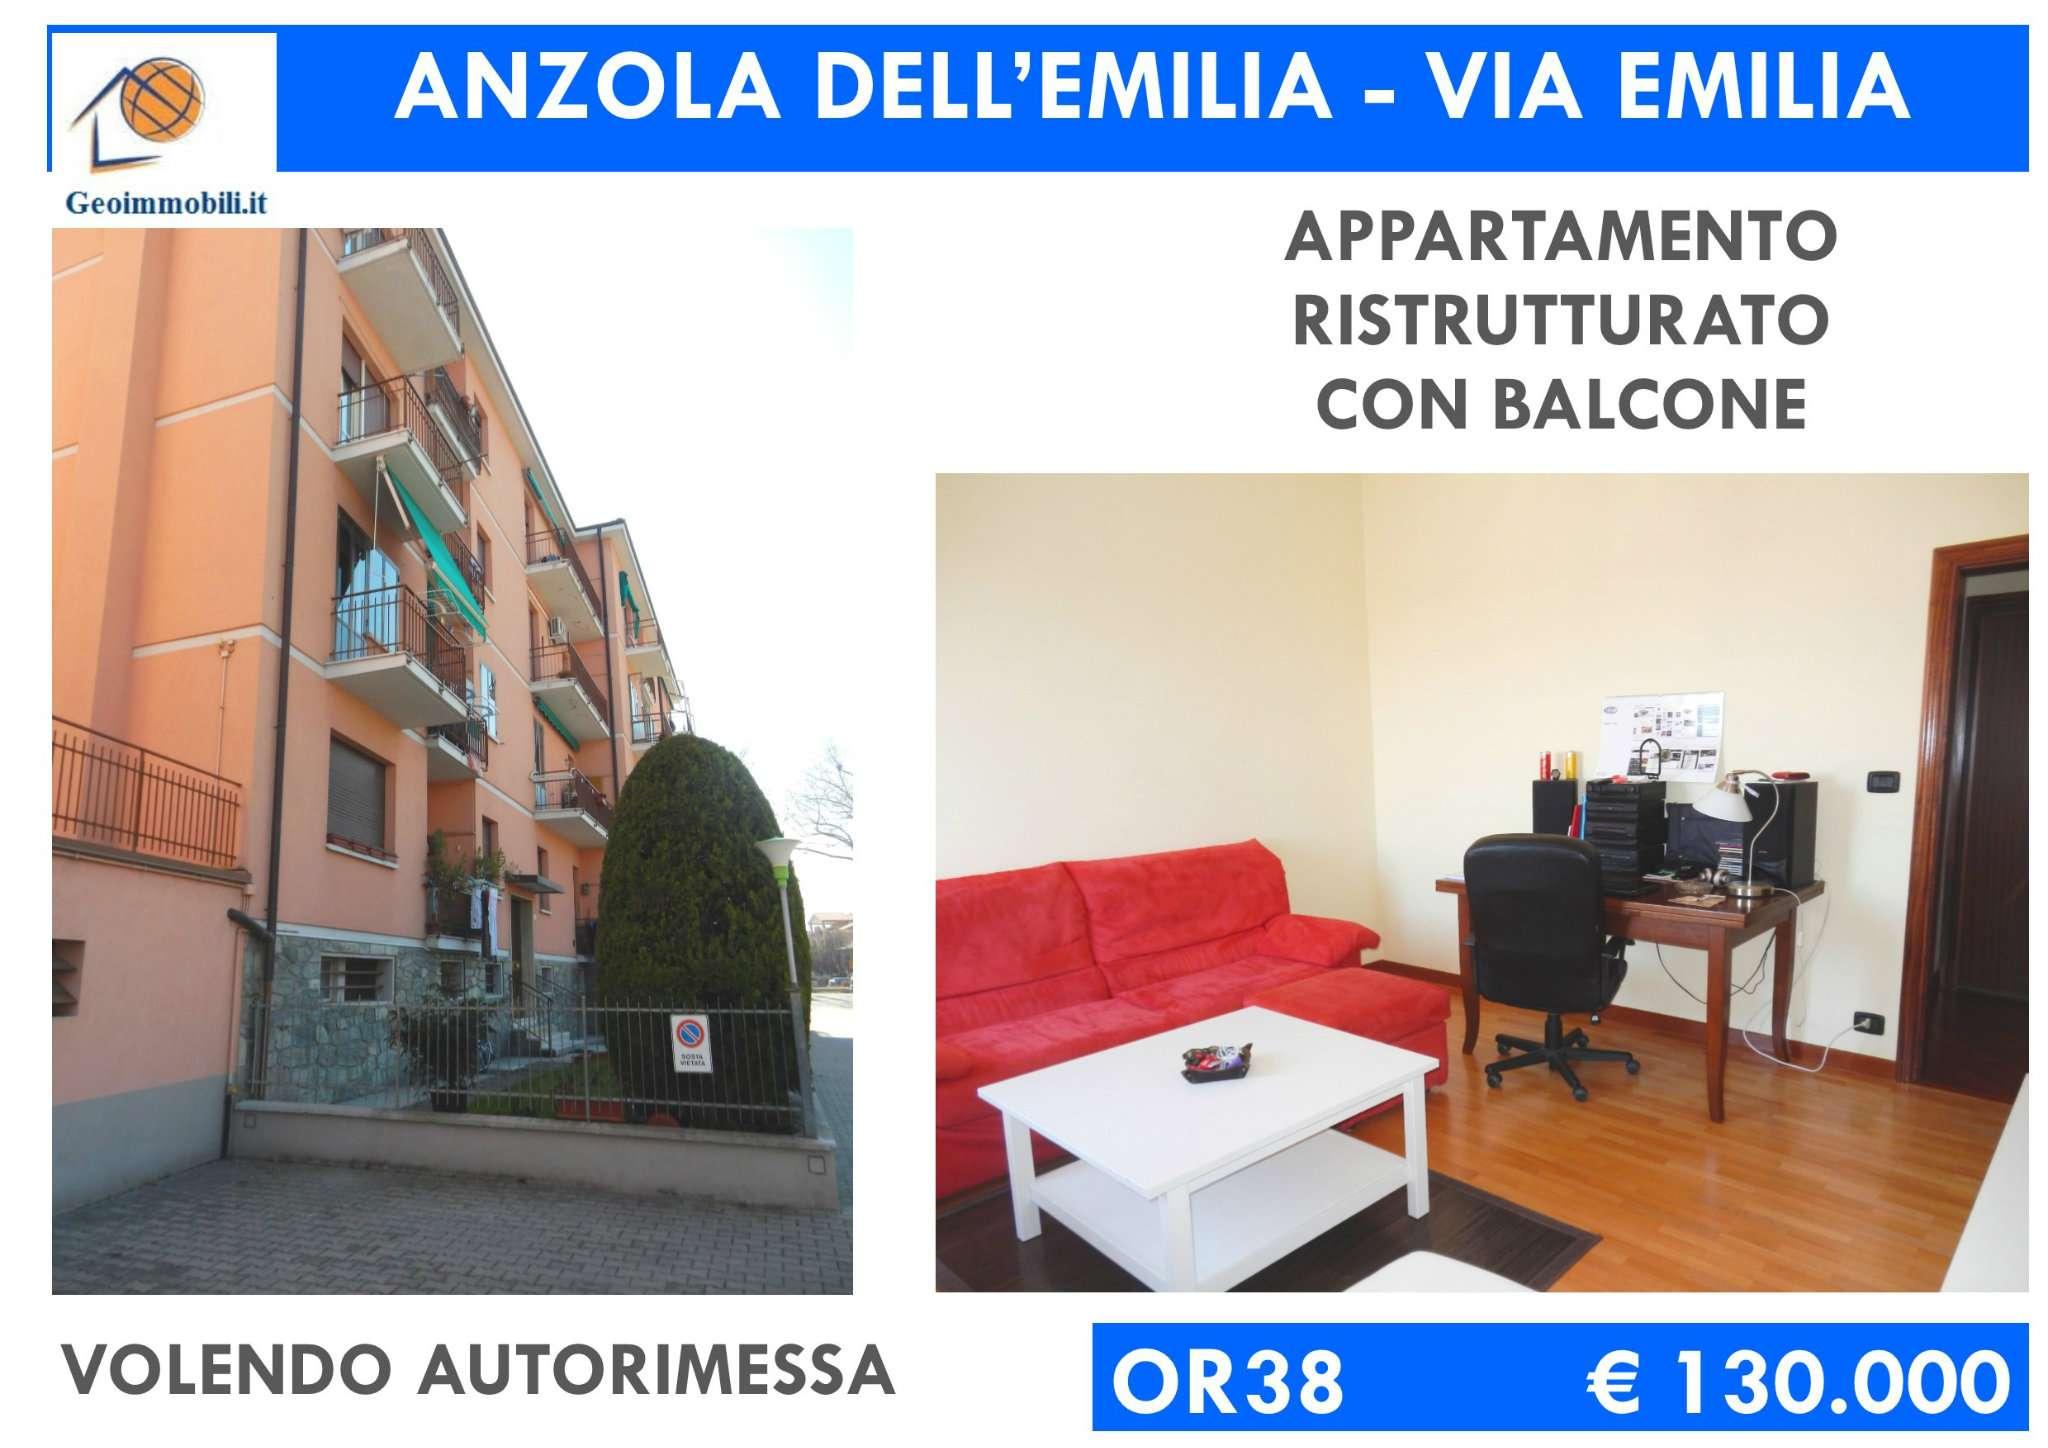 Appartamento in vendita a Anzola dell'Emilia, 3 locali, prezzo € 130.000 | CambioCasa.it